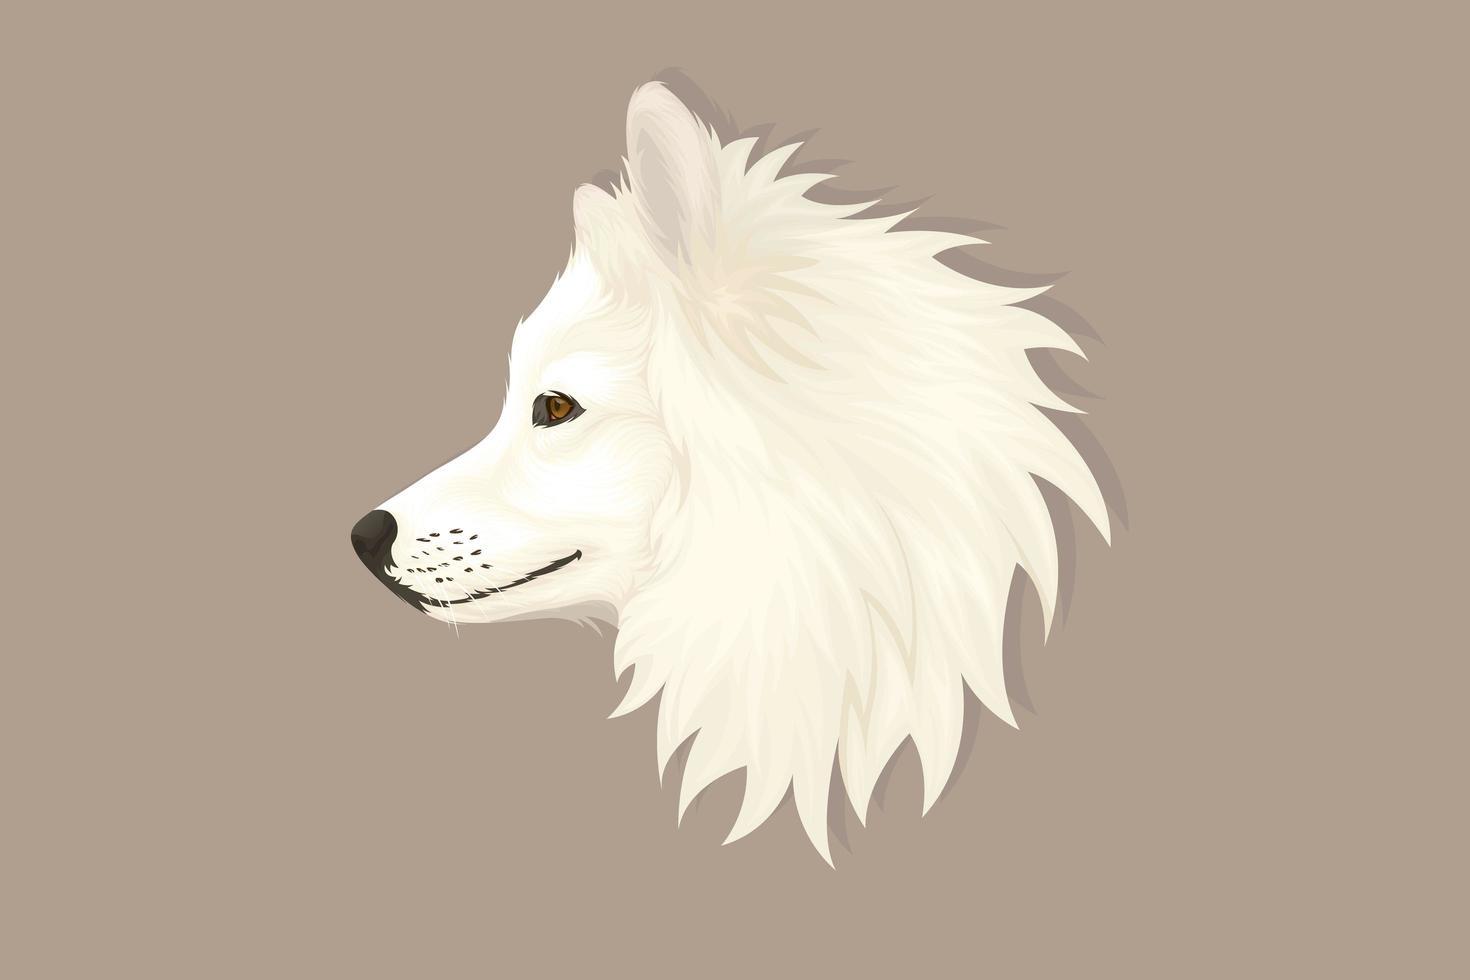 weißer Hundekopf im realistischen Stil vektor